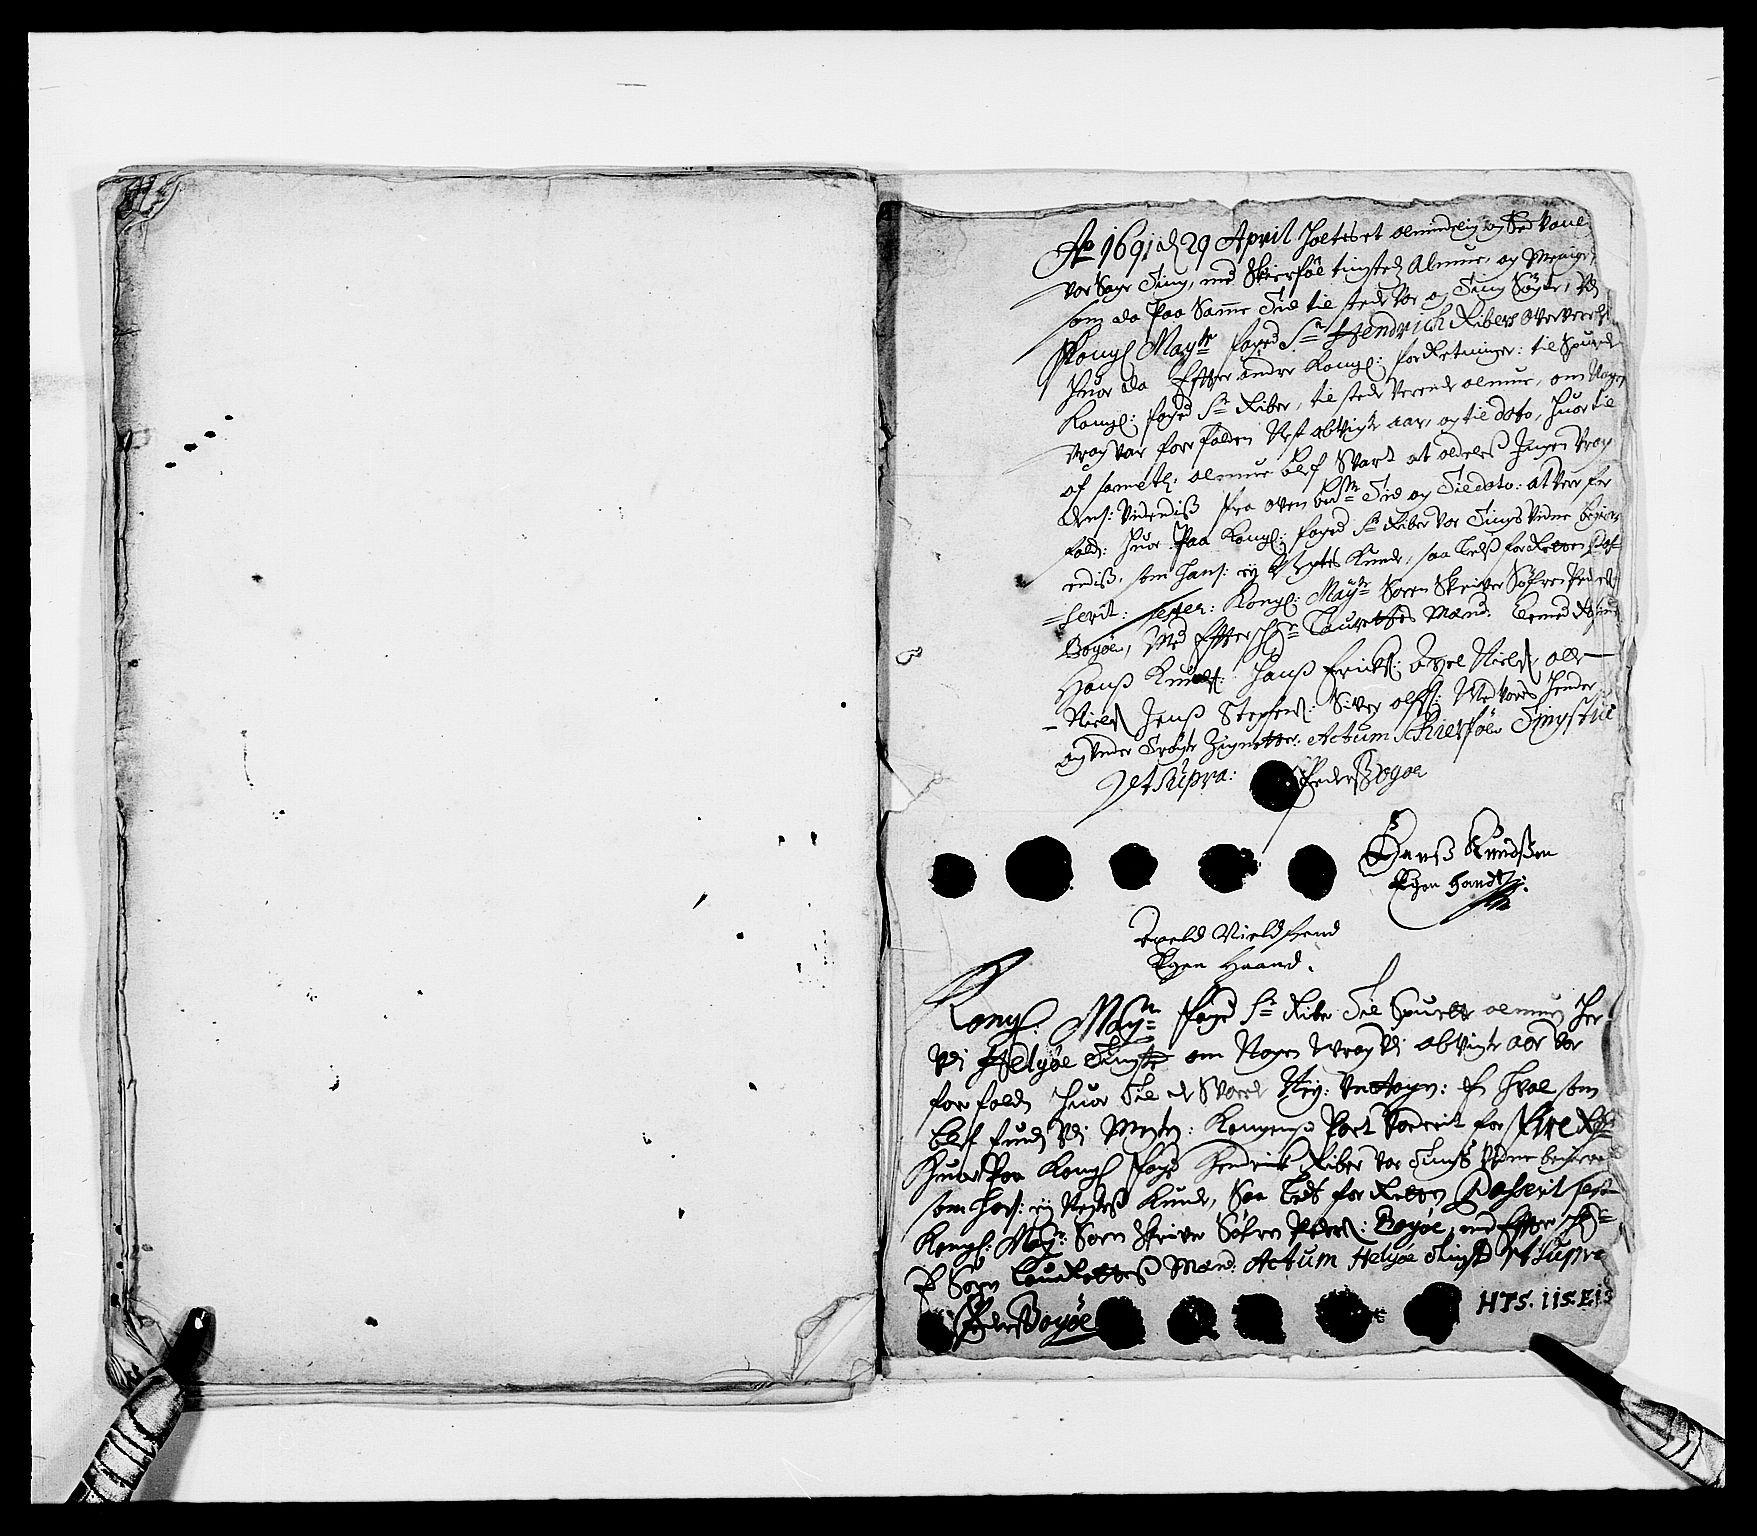 RA, Rentekammeret inntil 1814, Reviderte regnskaper, Fogderegnskap, R68/L4751: Fogderegnskap Senja og Troms, 1690-1693, s. 65